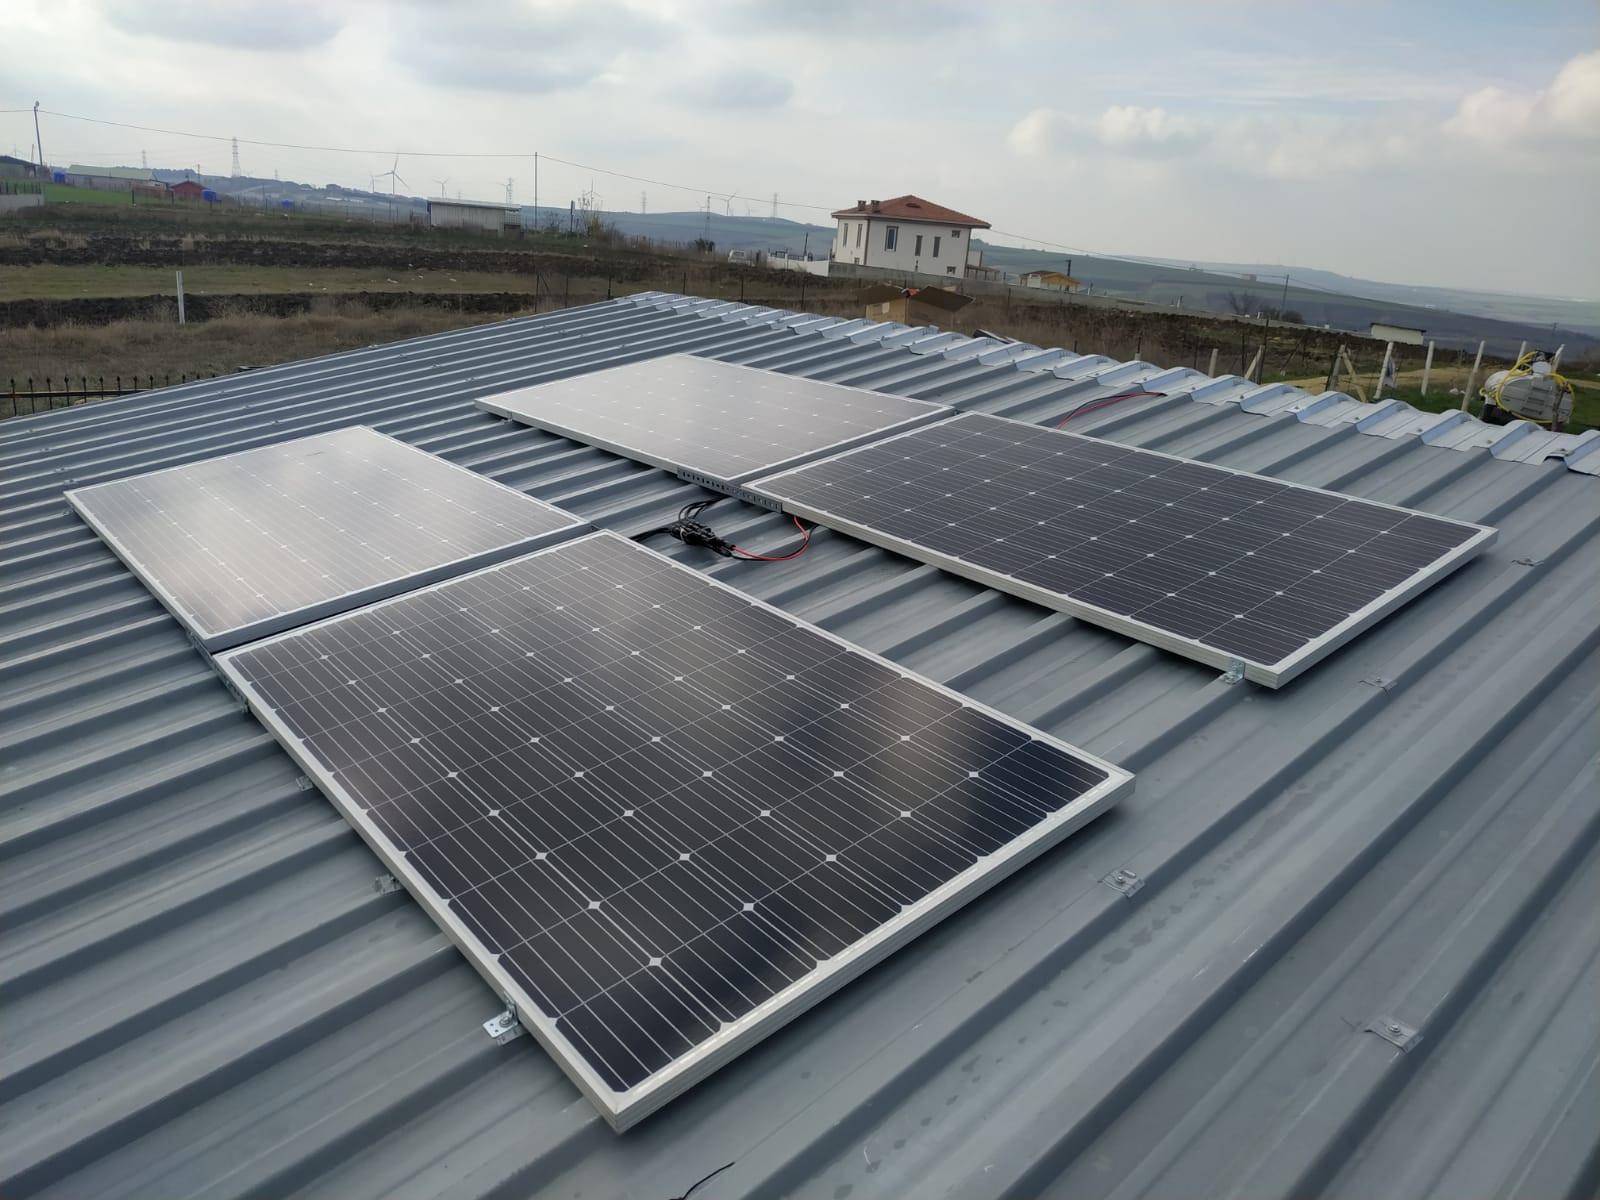 Güneş Enerji Sistemlerinin Fiyatlarını Etkileyen Faktörler Nelerdir?